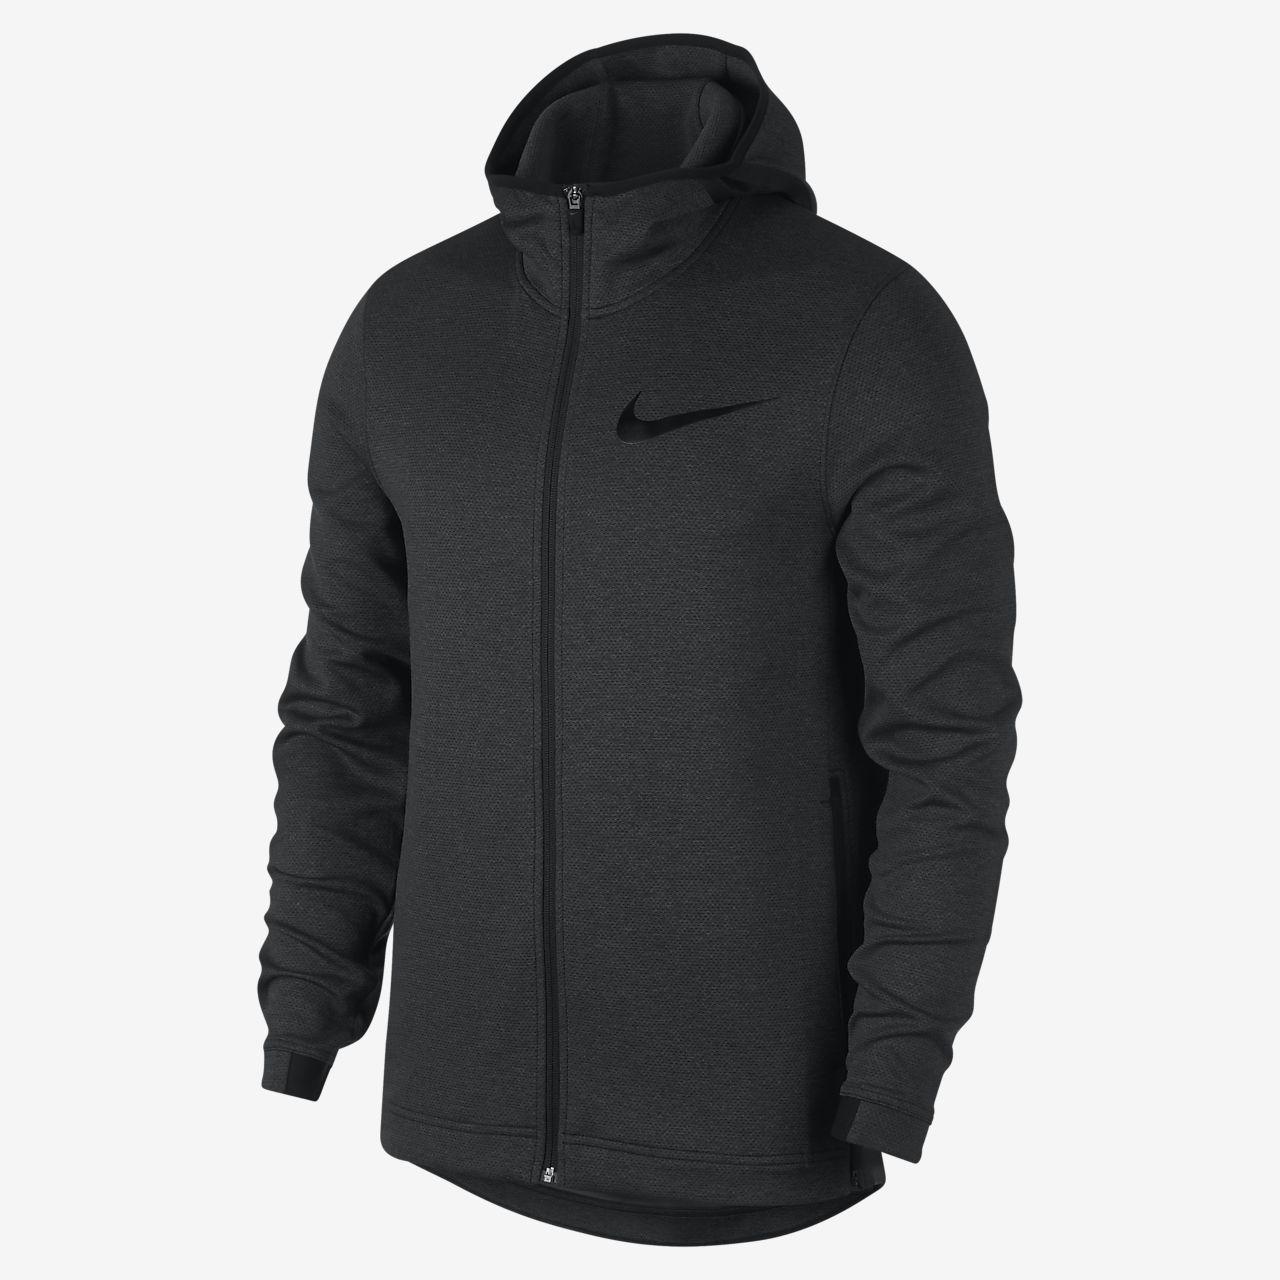 Nike Vintage Nike Hoodie Sweater Size L $120